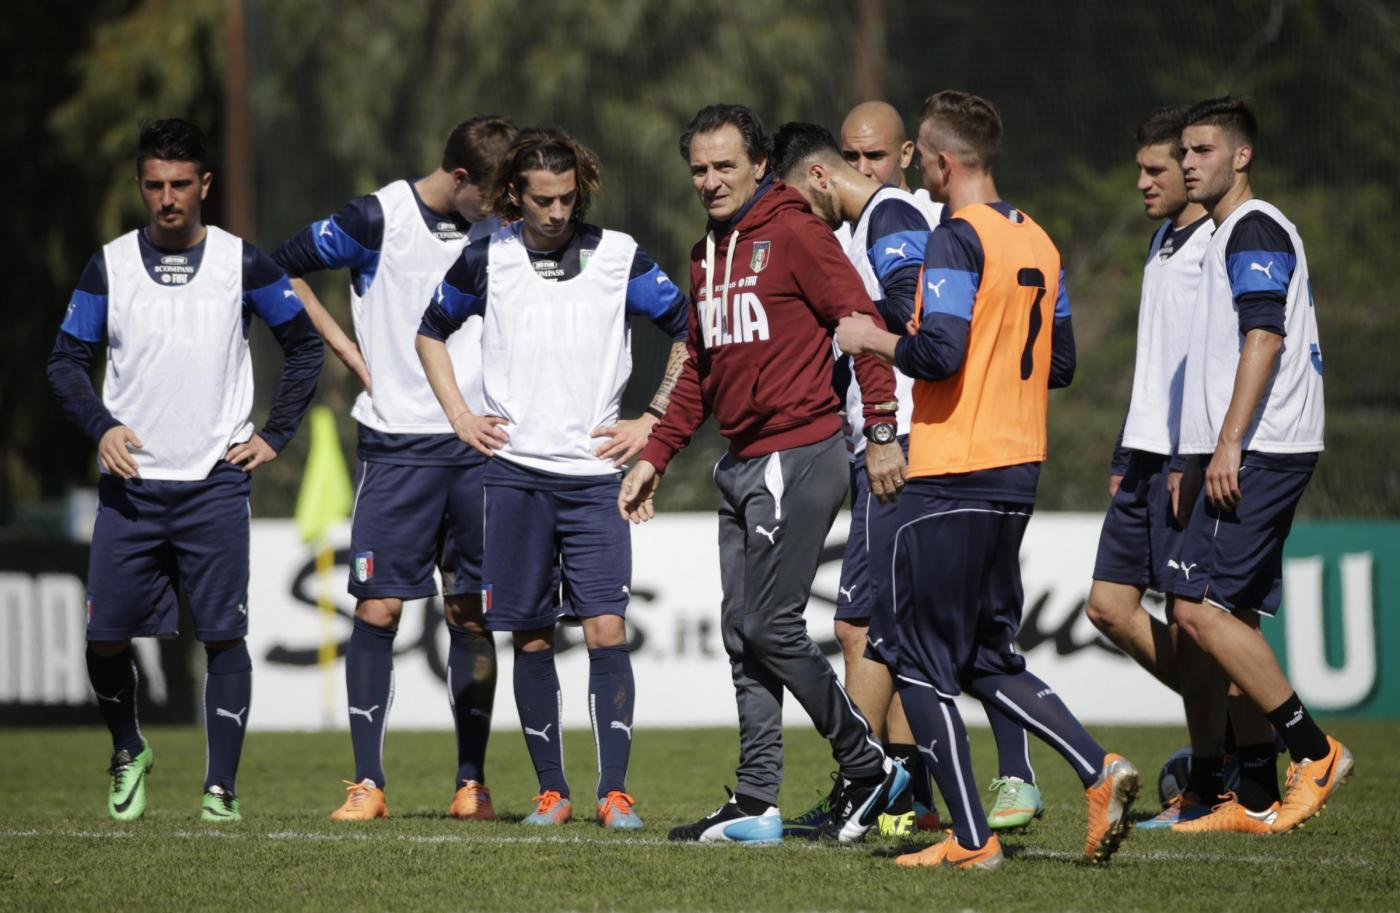 Mondiali Brasile 2014: i convocati dell'Italia, fuori Rossi